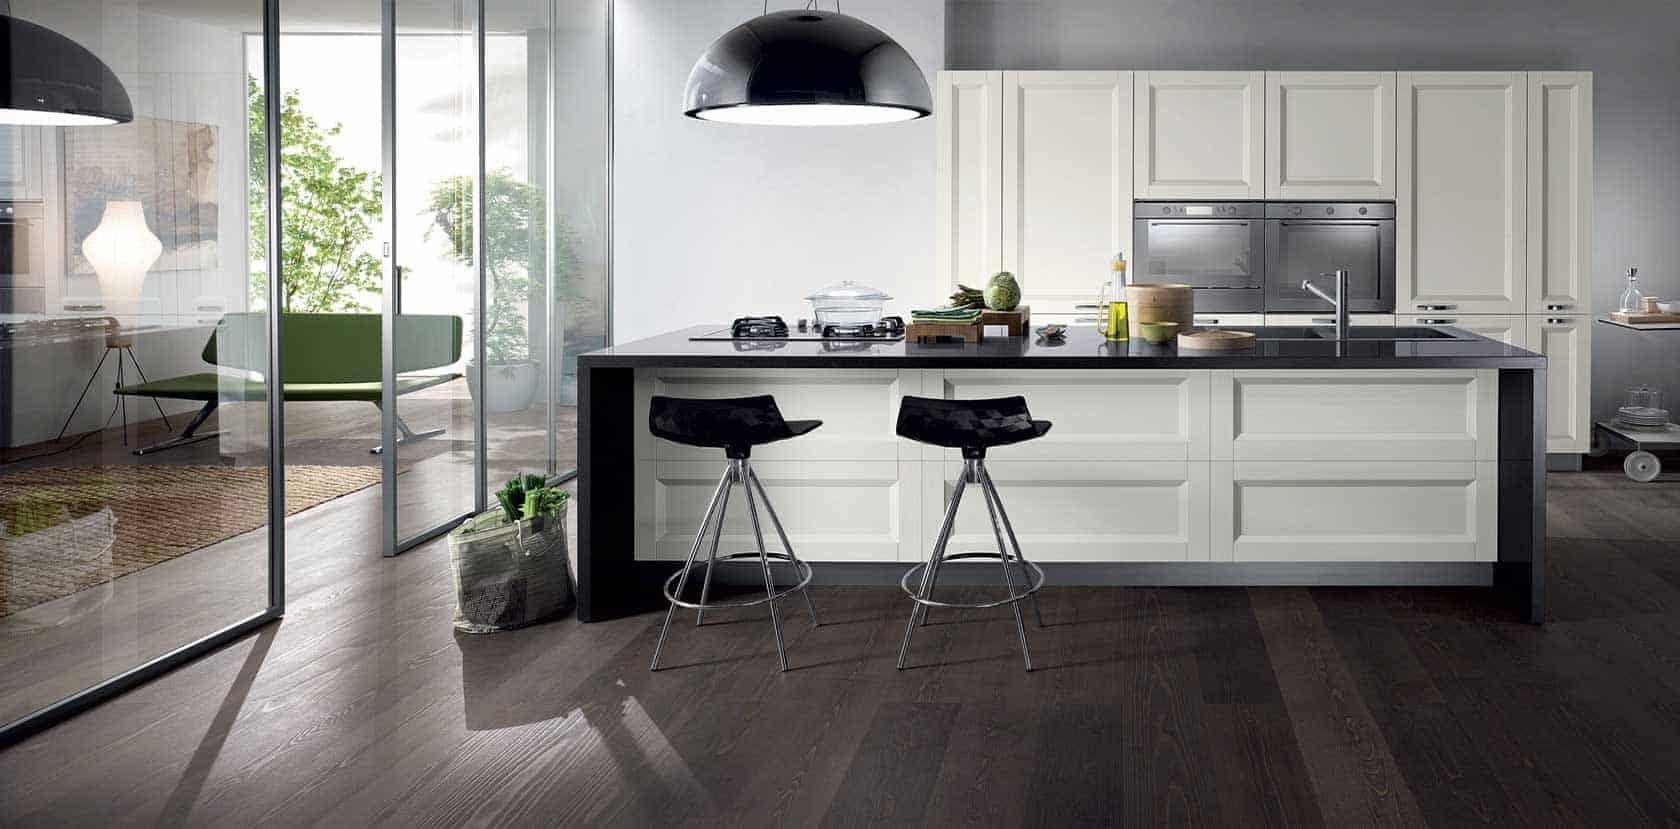 Kitchen design 2016 australia -  Kitchen Design Melbourne Victoria Australia 2016 Download